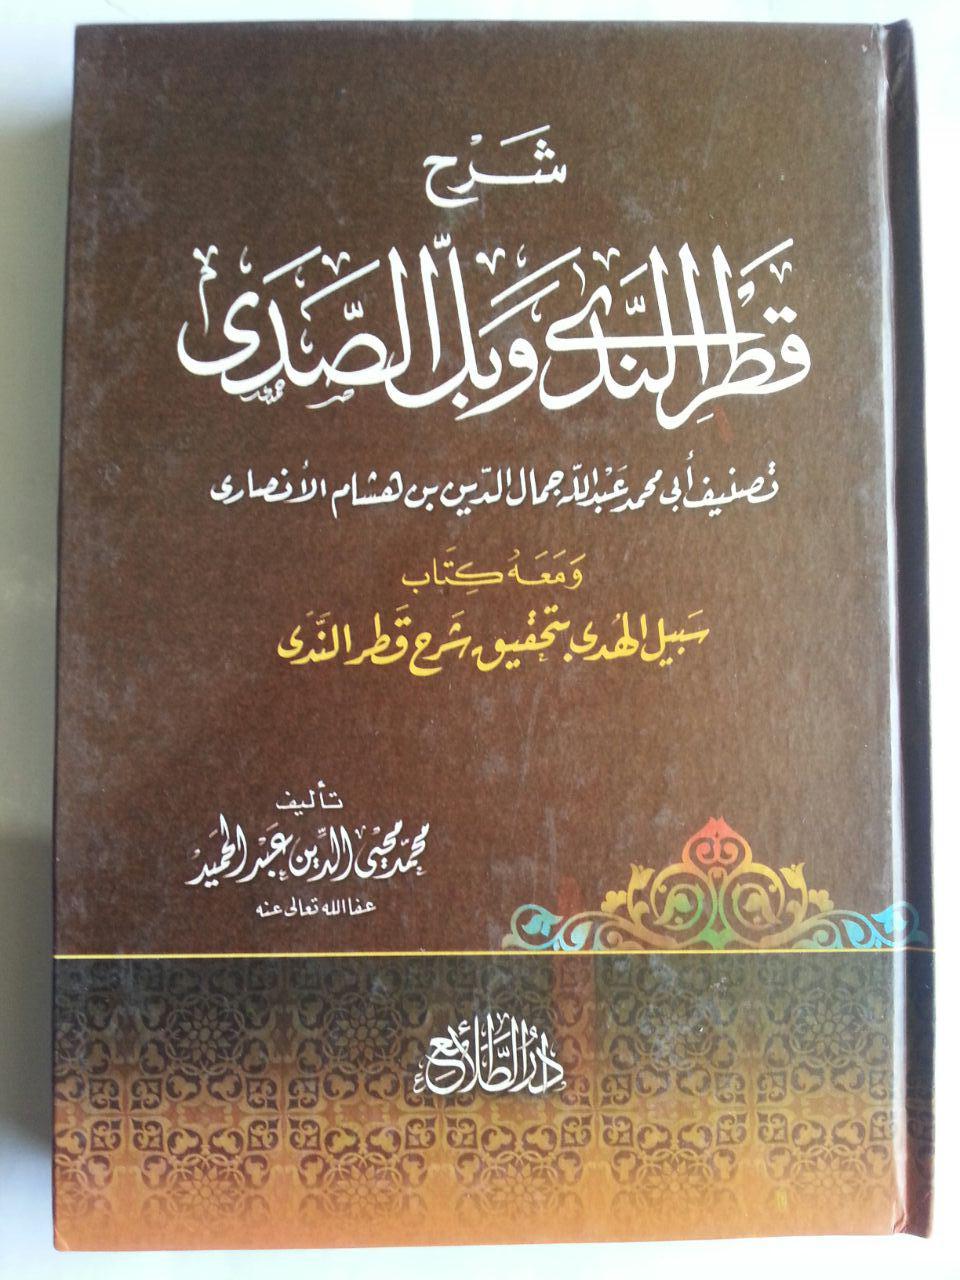 Kitab Syarah Qathrin Nada Wa Ballish Shada cover